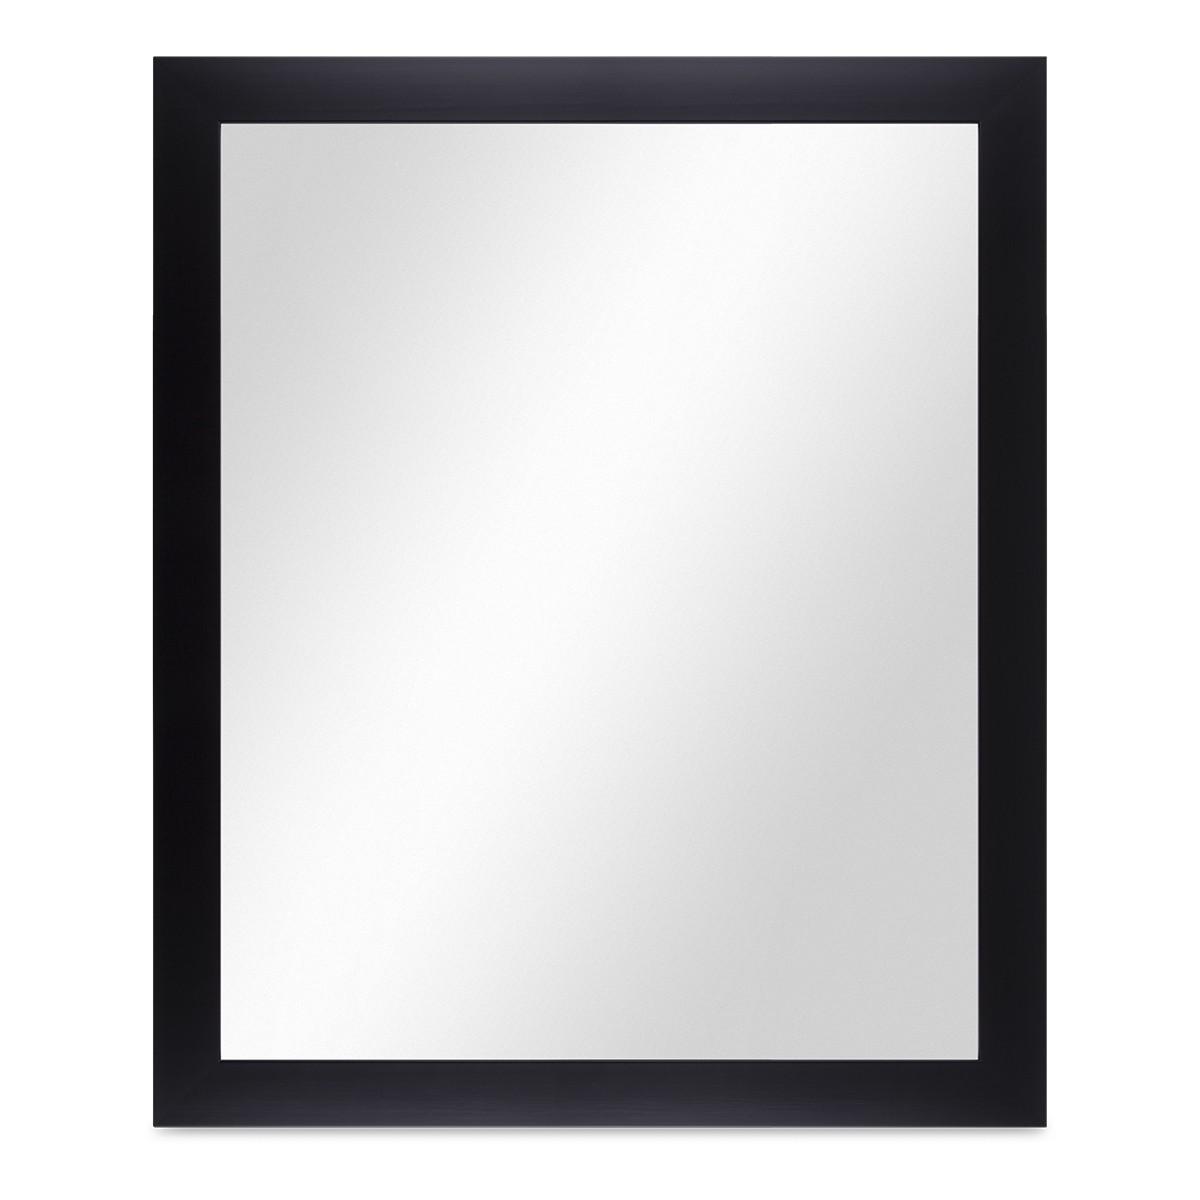 Großartig Wand-Spiegel 58x68 cm im Holzrahmen Schlicht Modern Schwarz  LS68